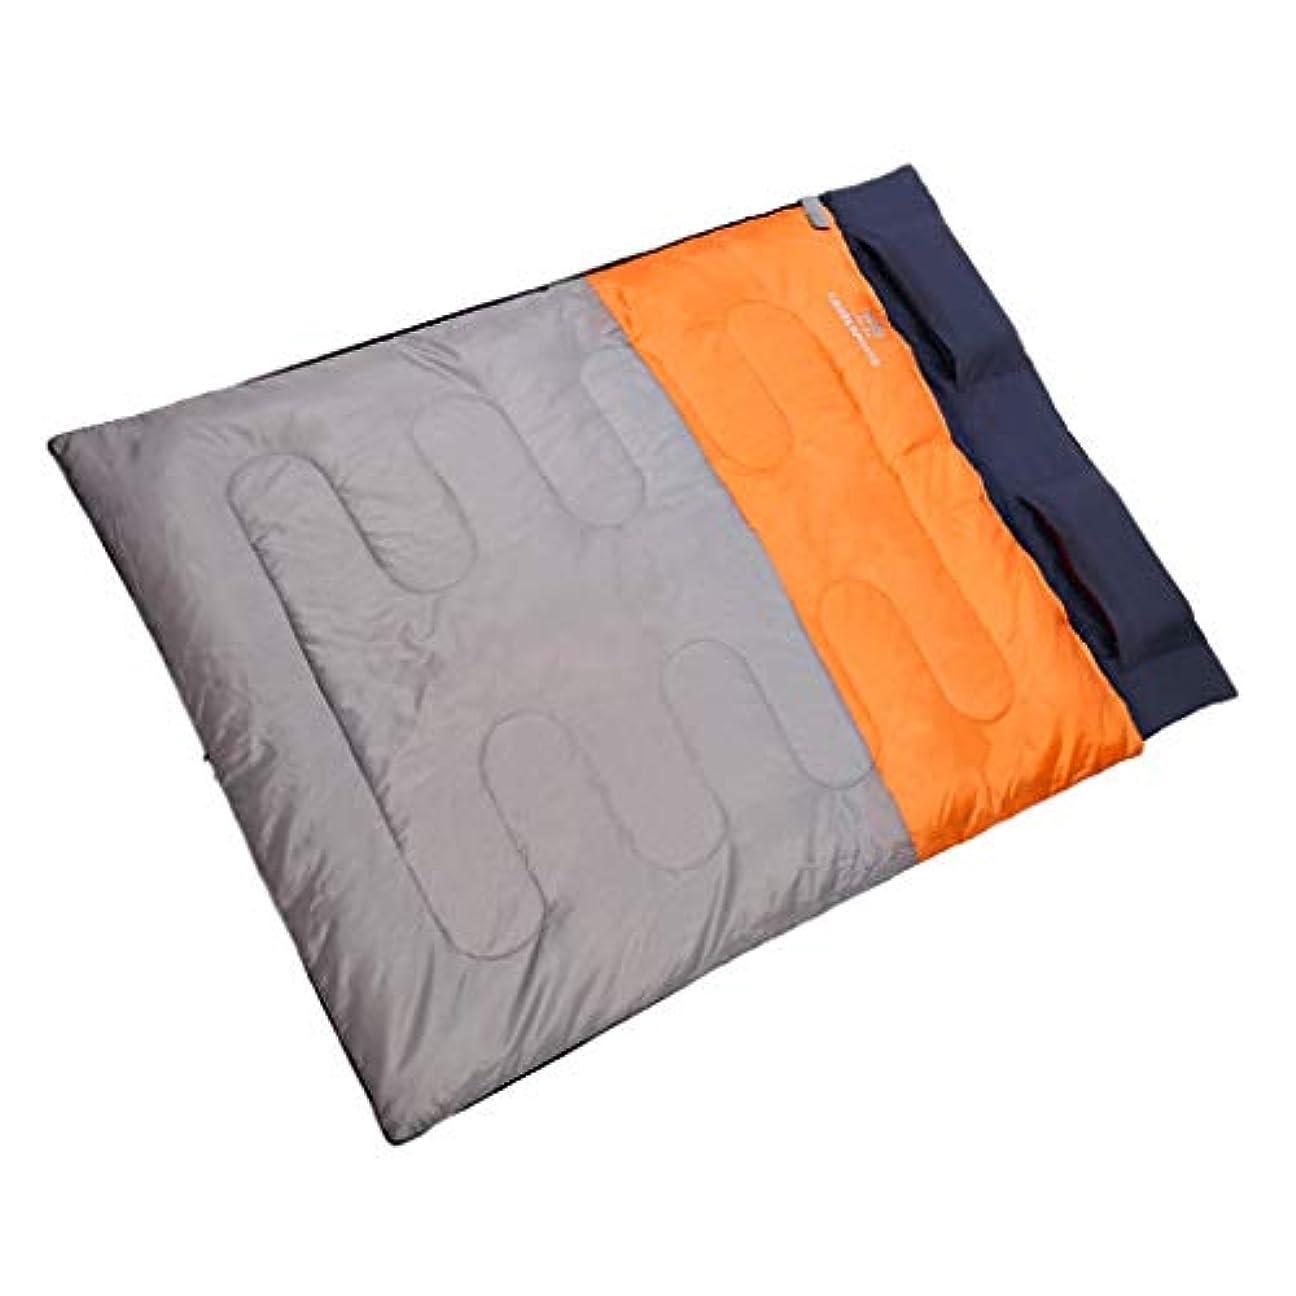 メイエラジョブマイクロCATRP ダブルピープル寝袋アウトドア旅行キャンプ耐湿性防寒保温ポータブル (色 : Orange gray)